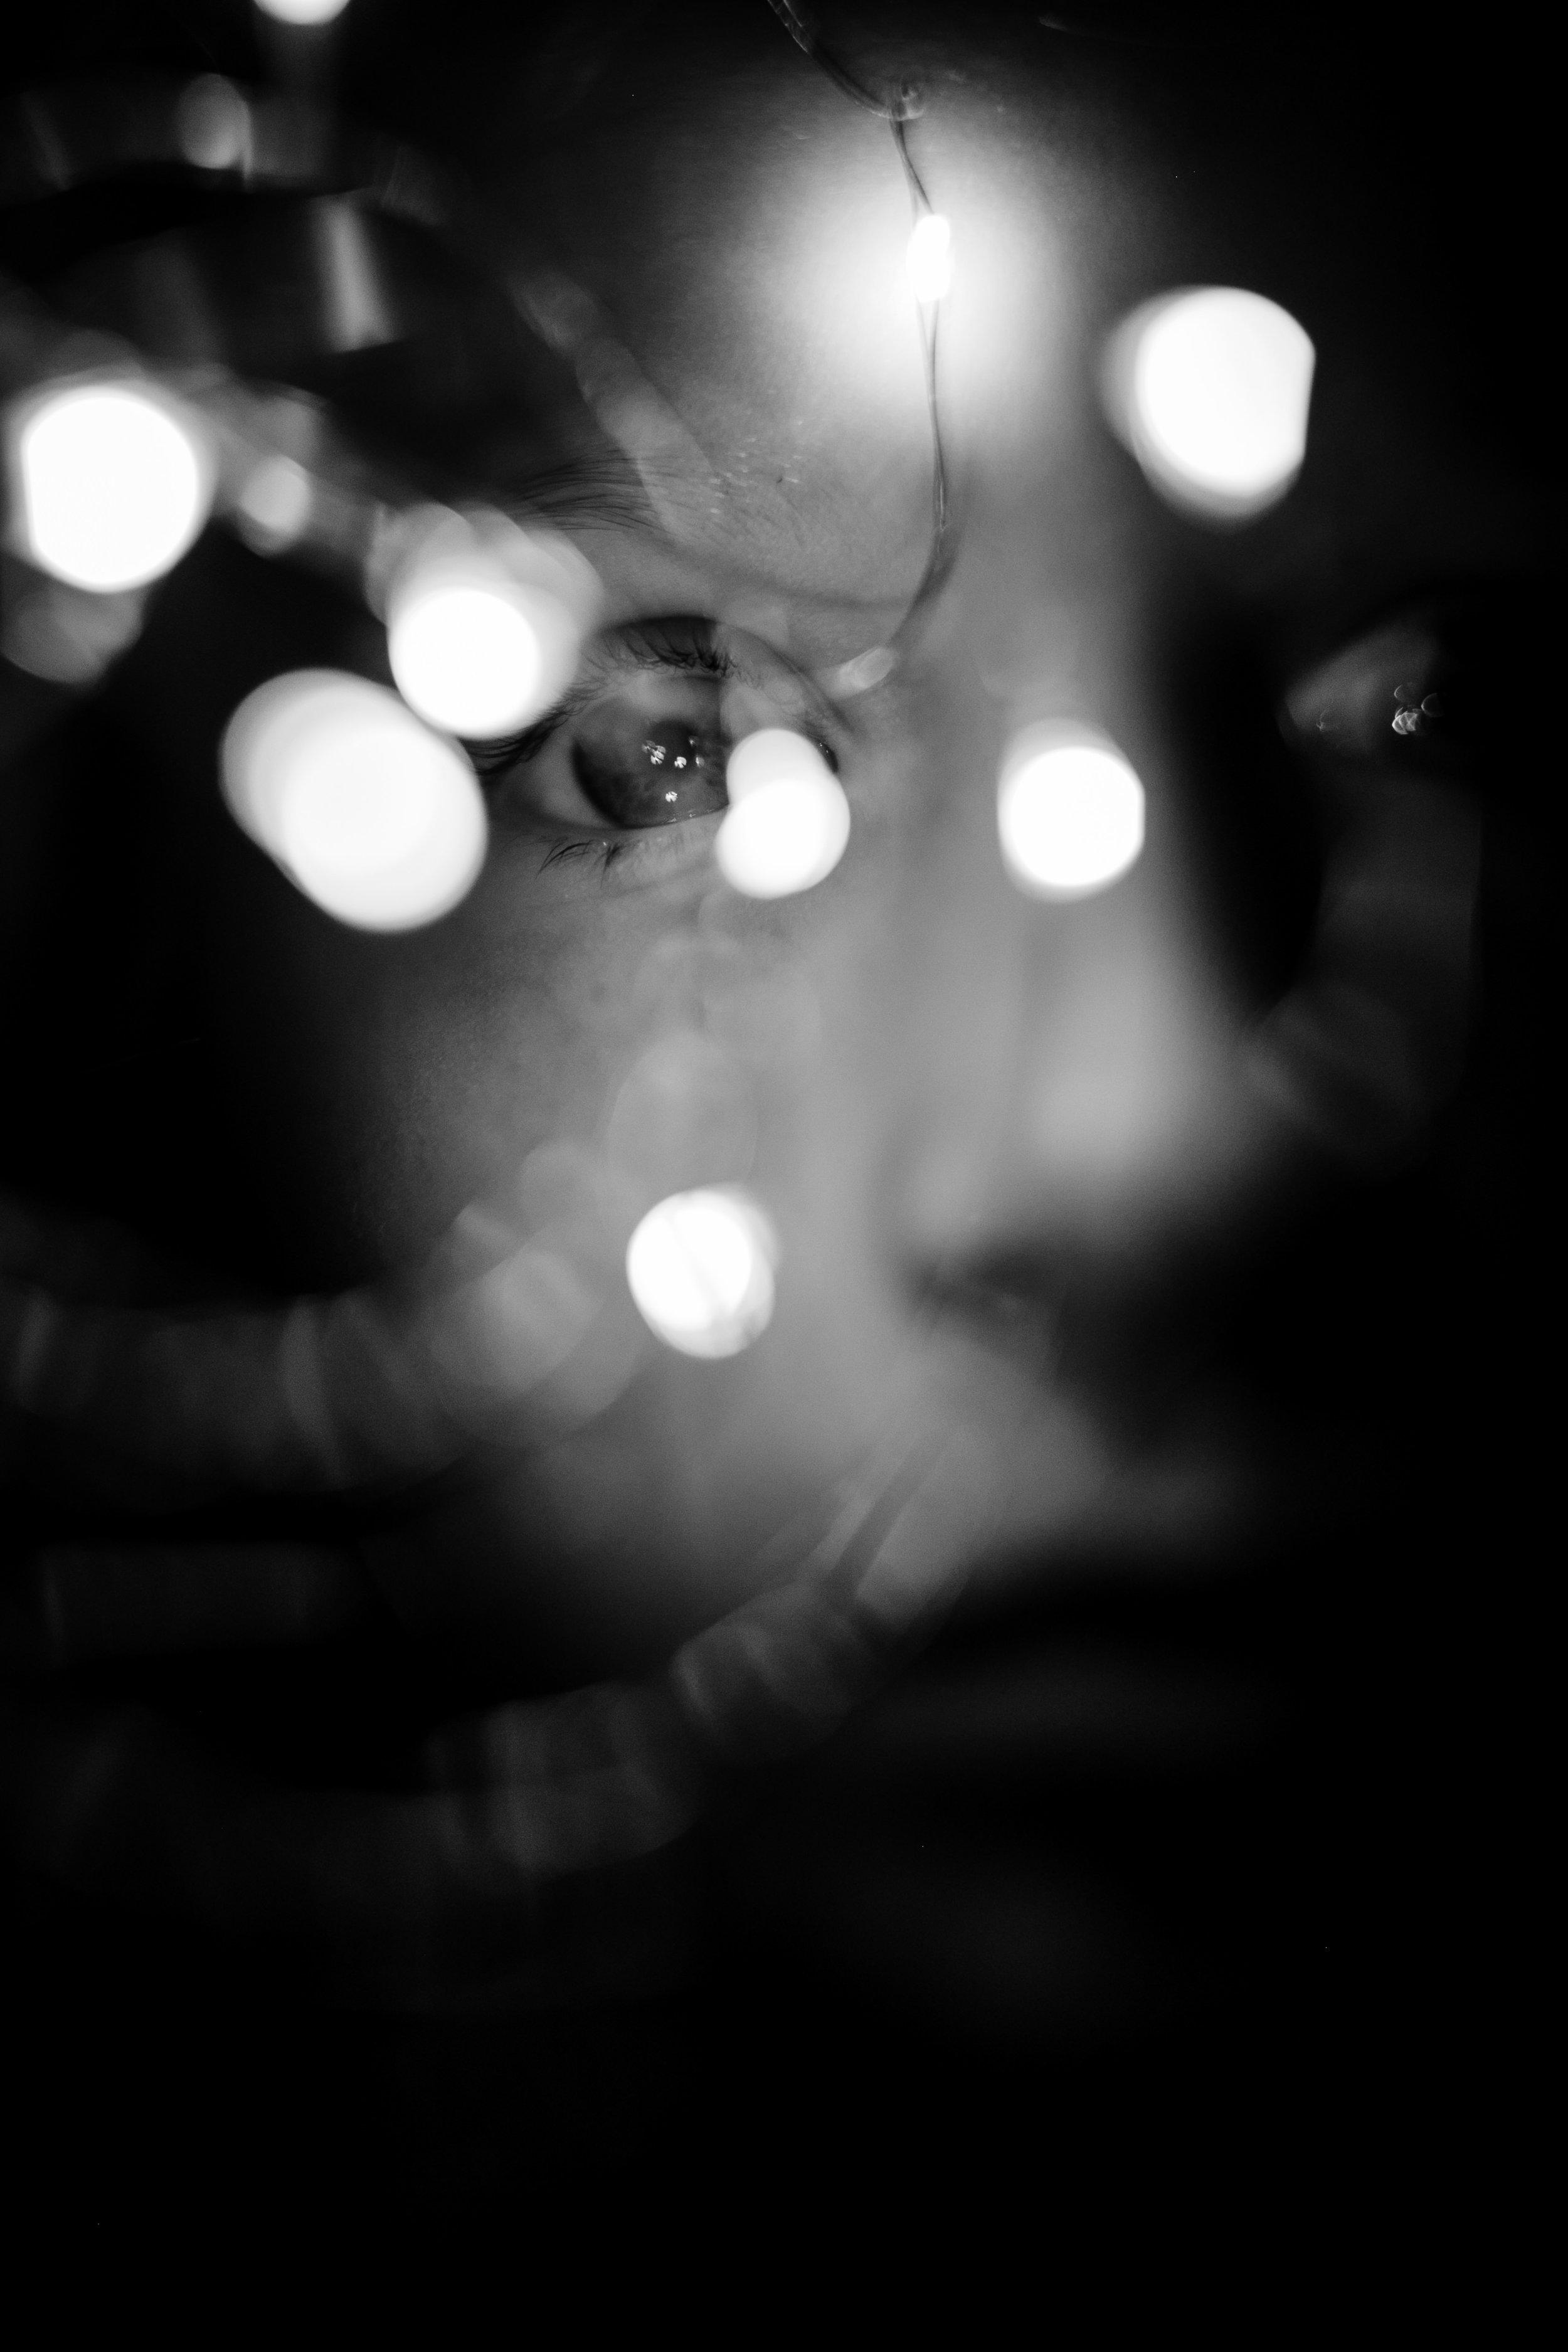 michigan-storytelling-photographer-jessica-max-54.jpg